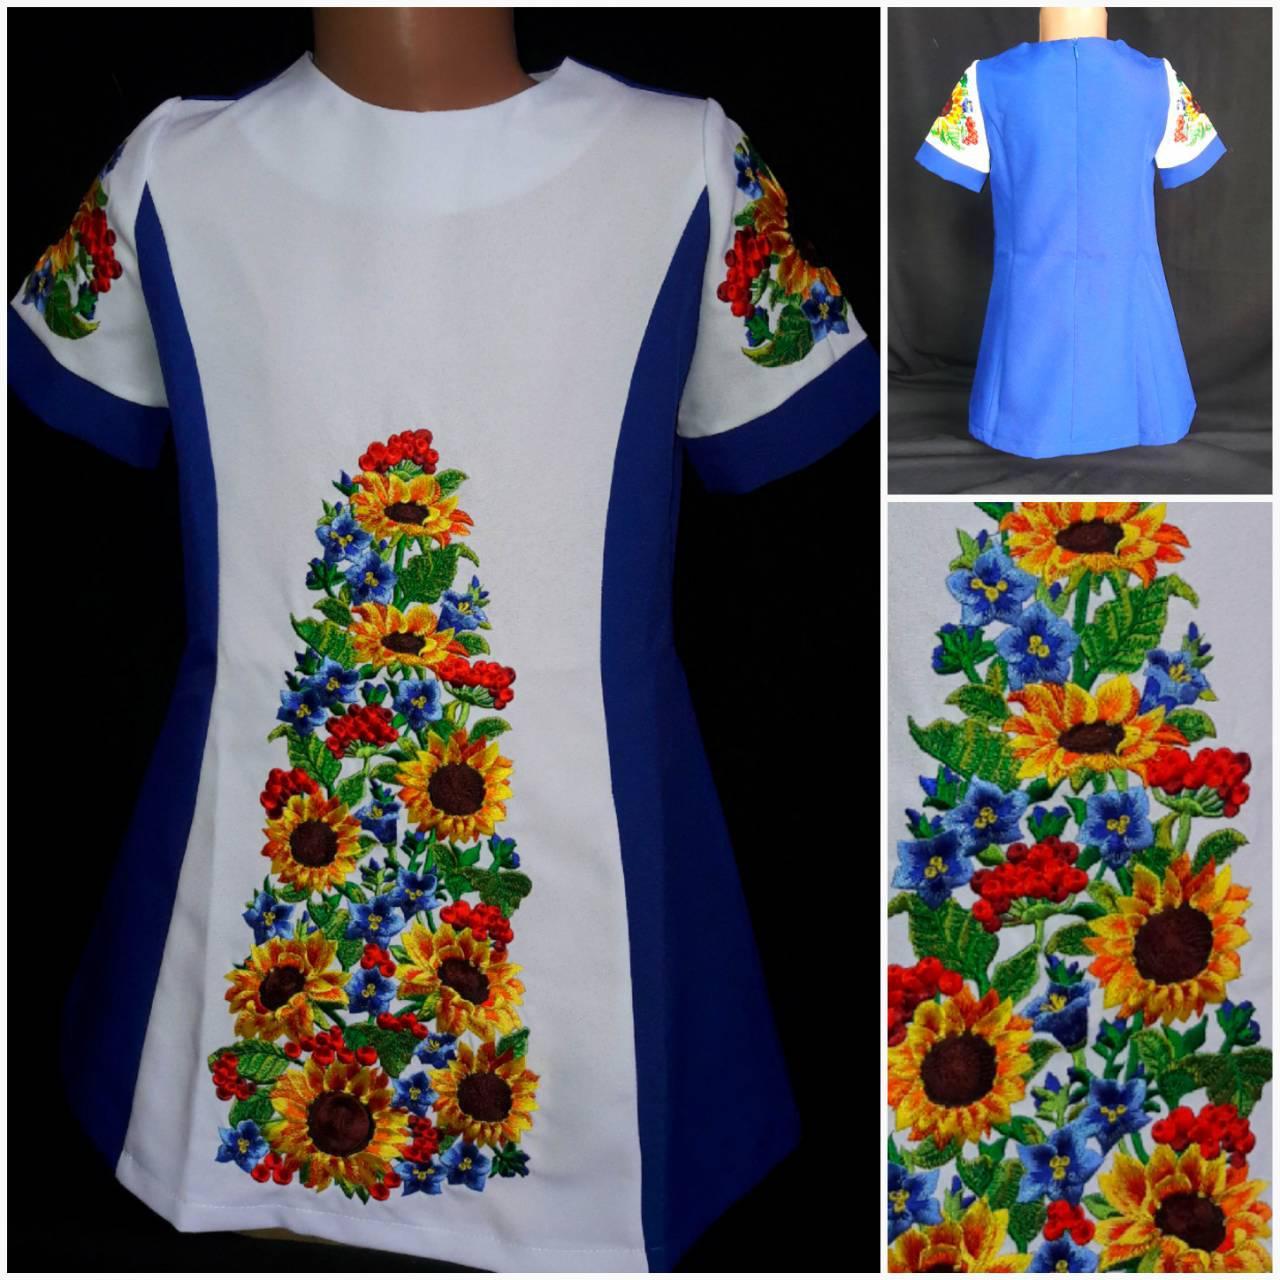 """Вышитое платье для девочки  """"Подсолнухи для панянки"""", рост 146-152 см., 410/370 (цена за 1 шт+ 40 гр.)"""